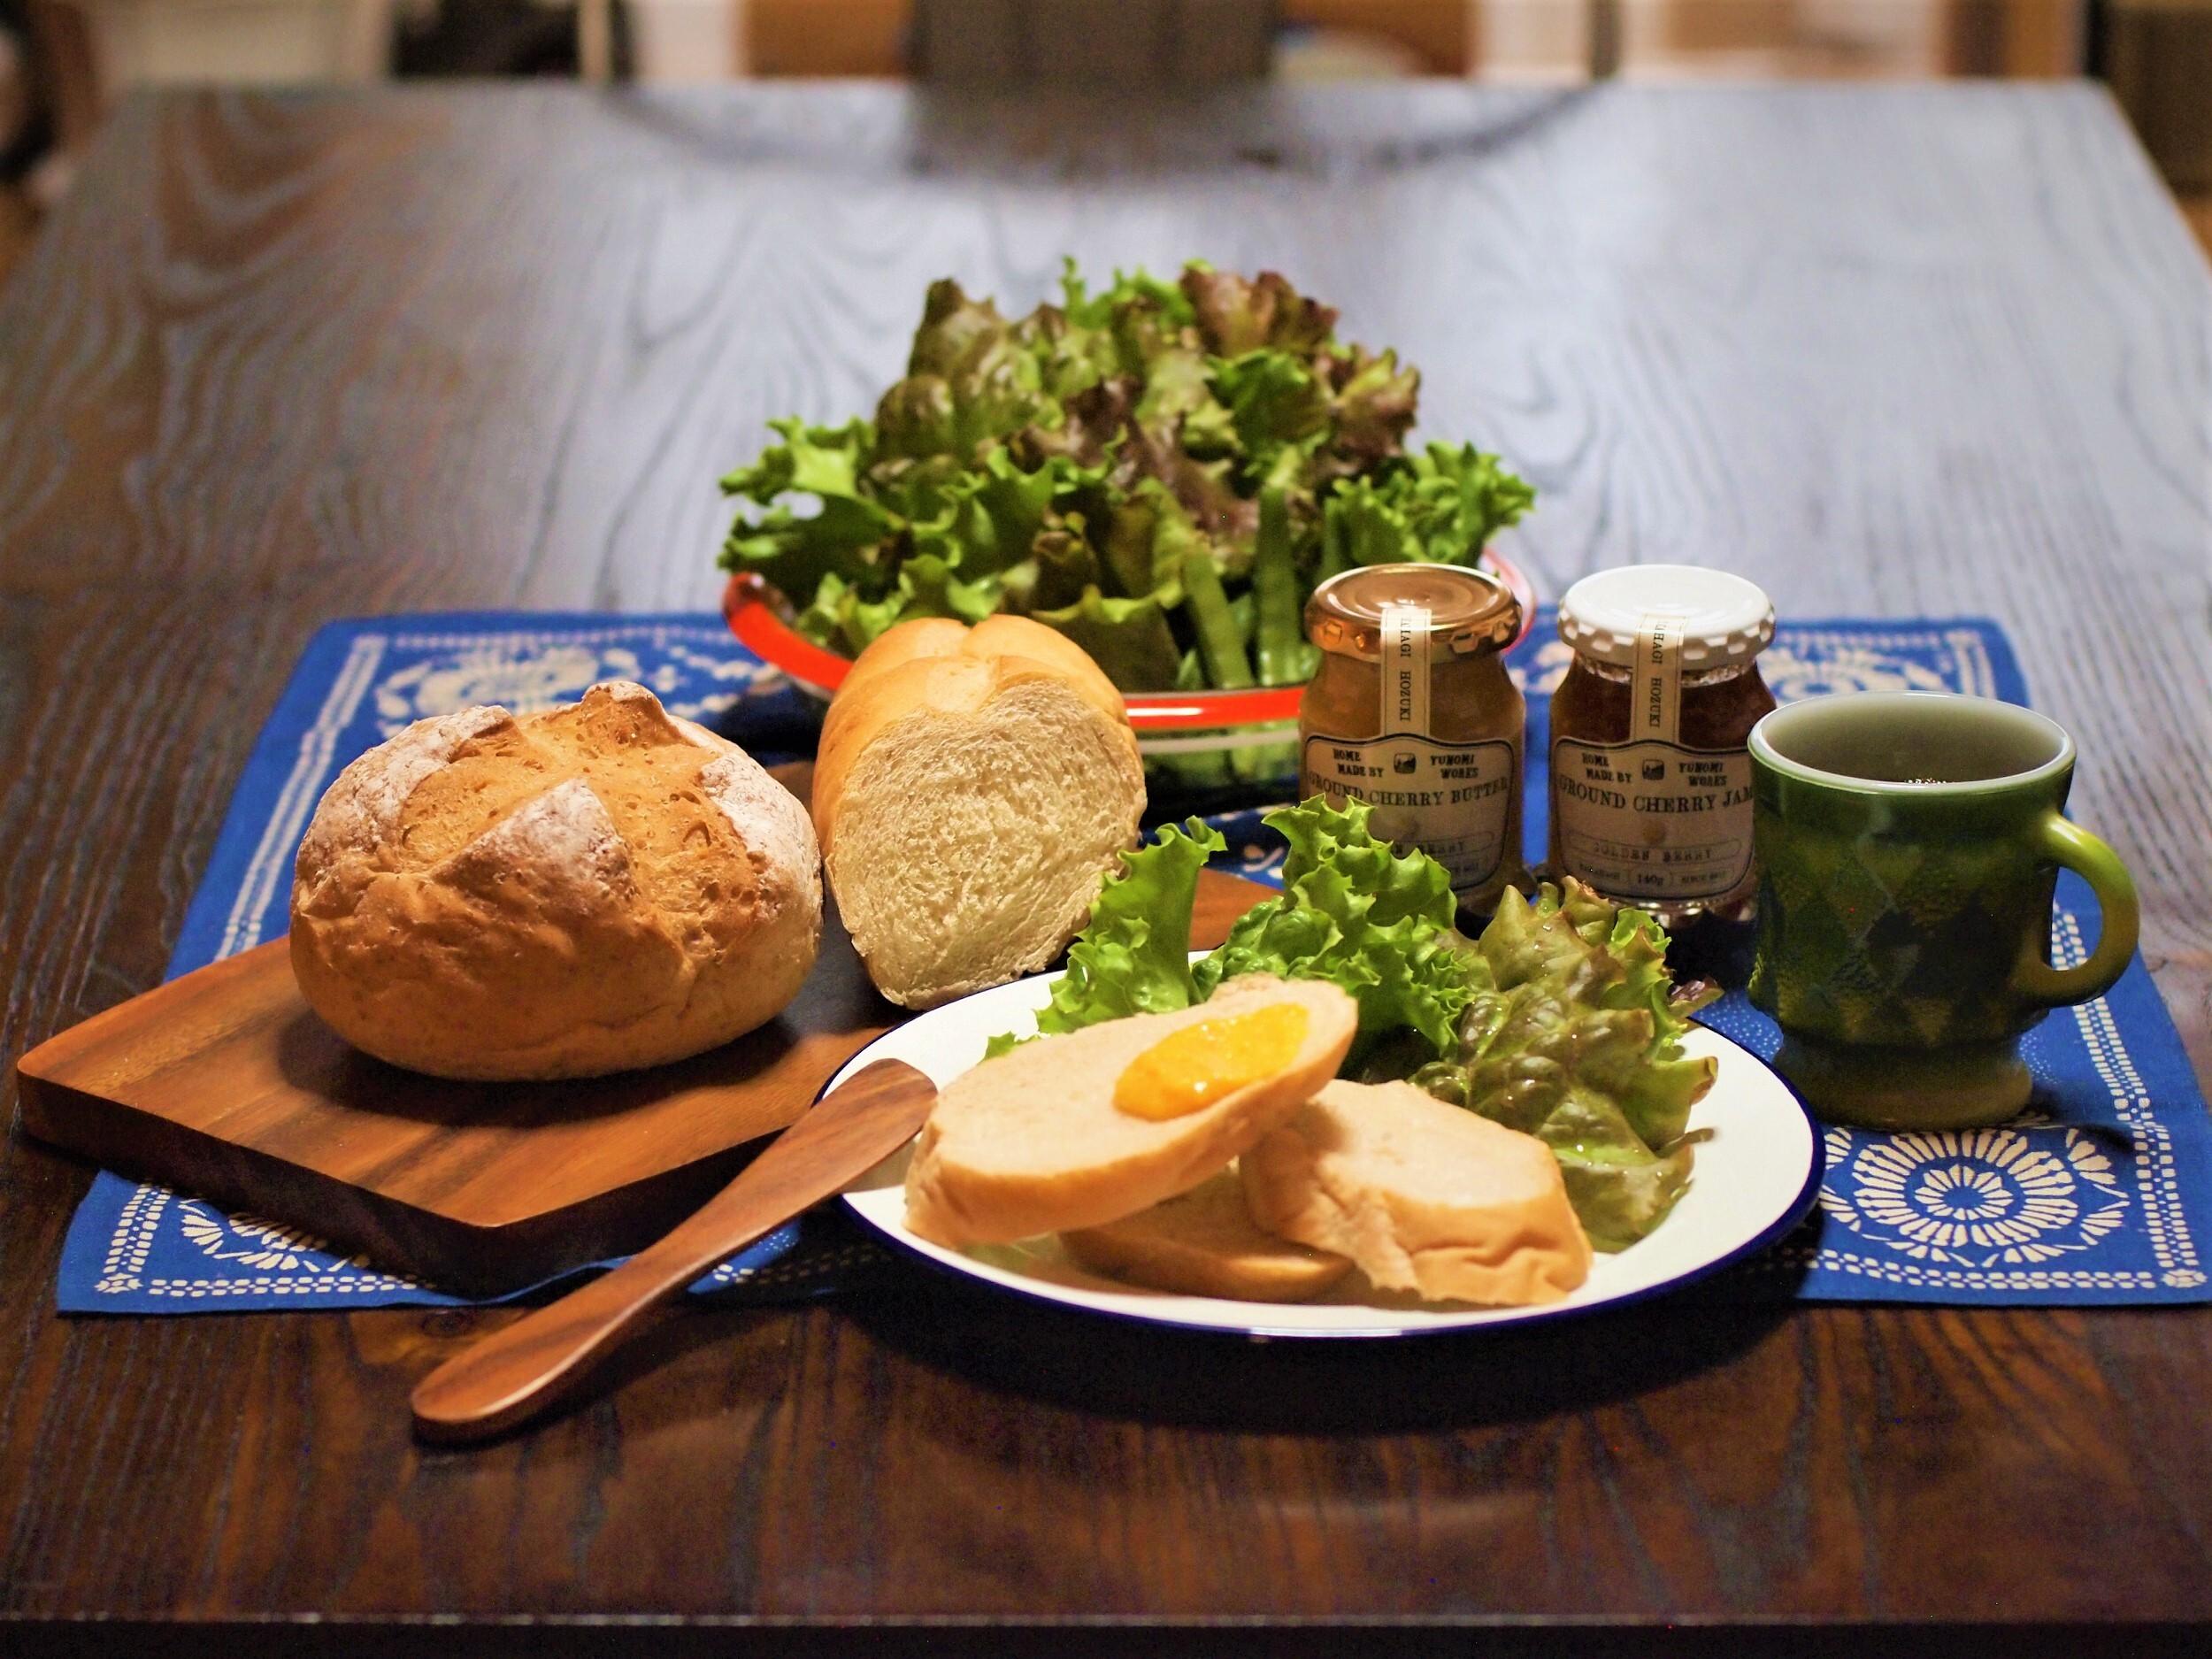 農薬・化学肥料不使用 旬のお野菜入り朝食セット (ほおずきジャム入り)